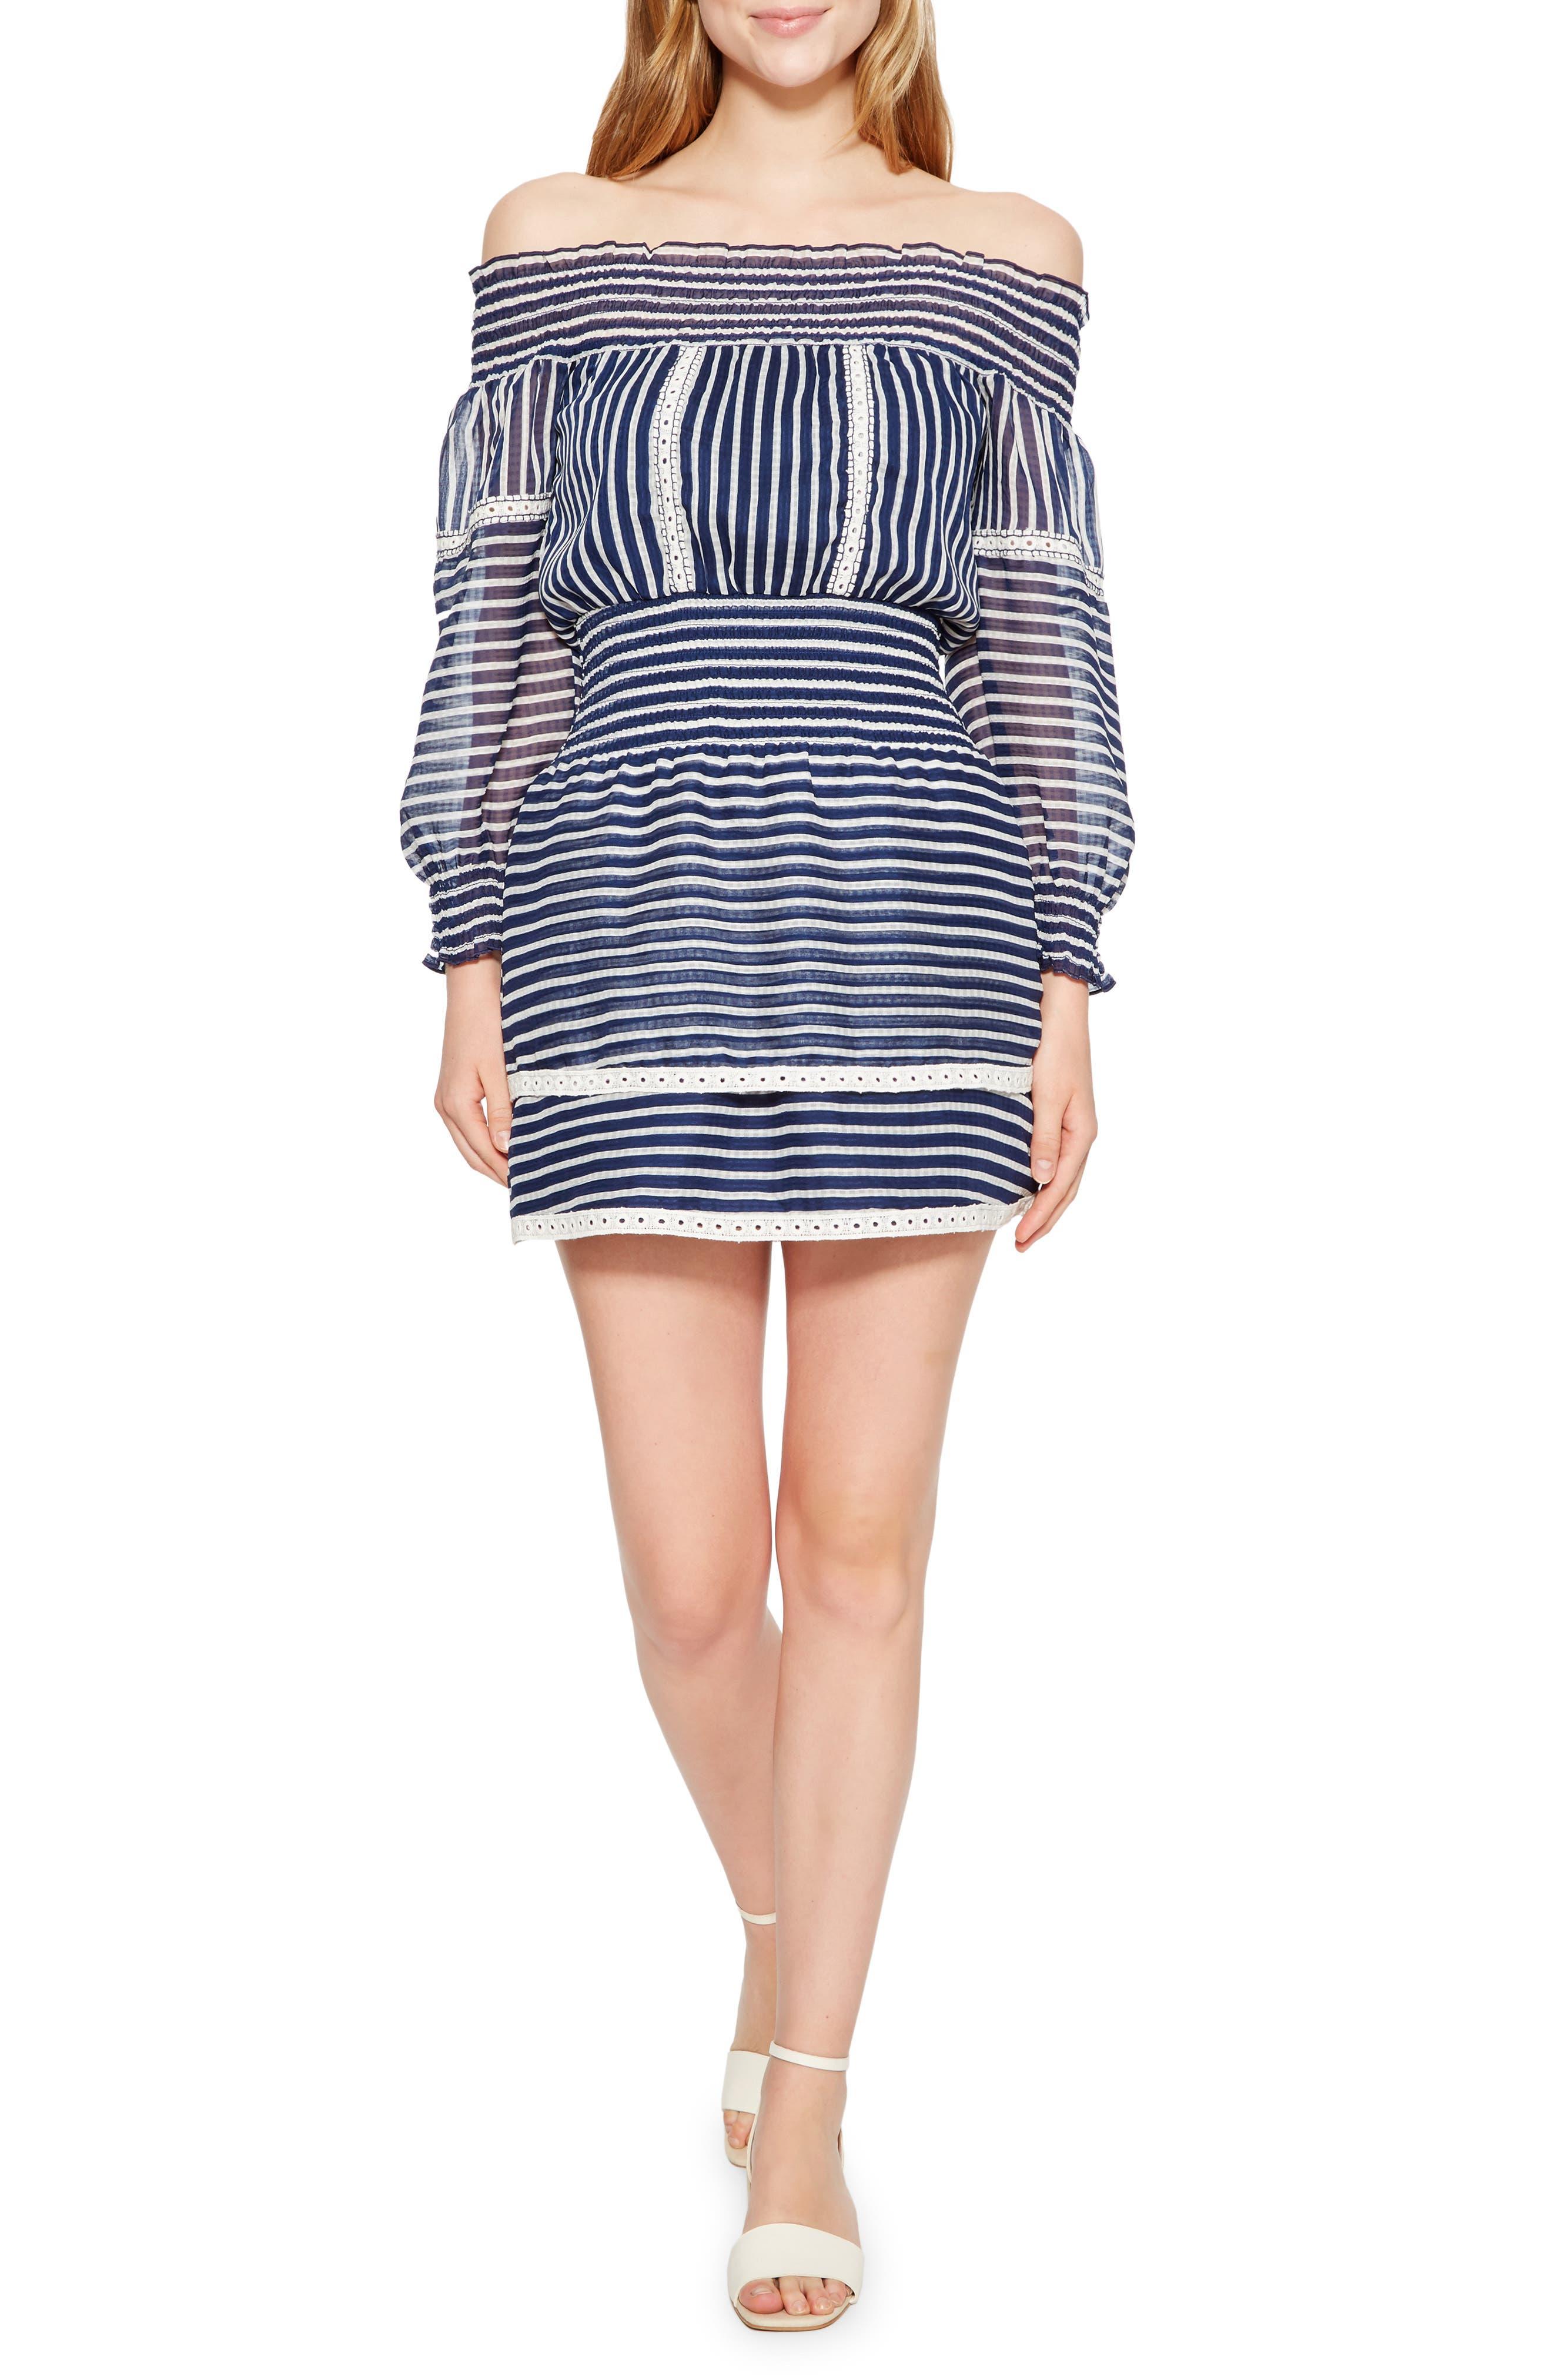 Carah Stripe Off the Shoulder Dress,                             Main thumbnail 1, color,                             496